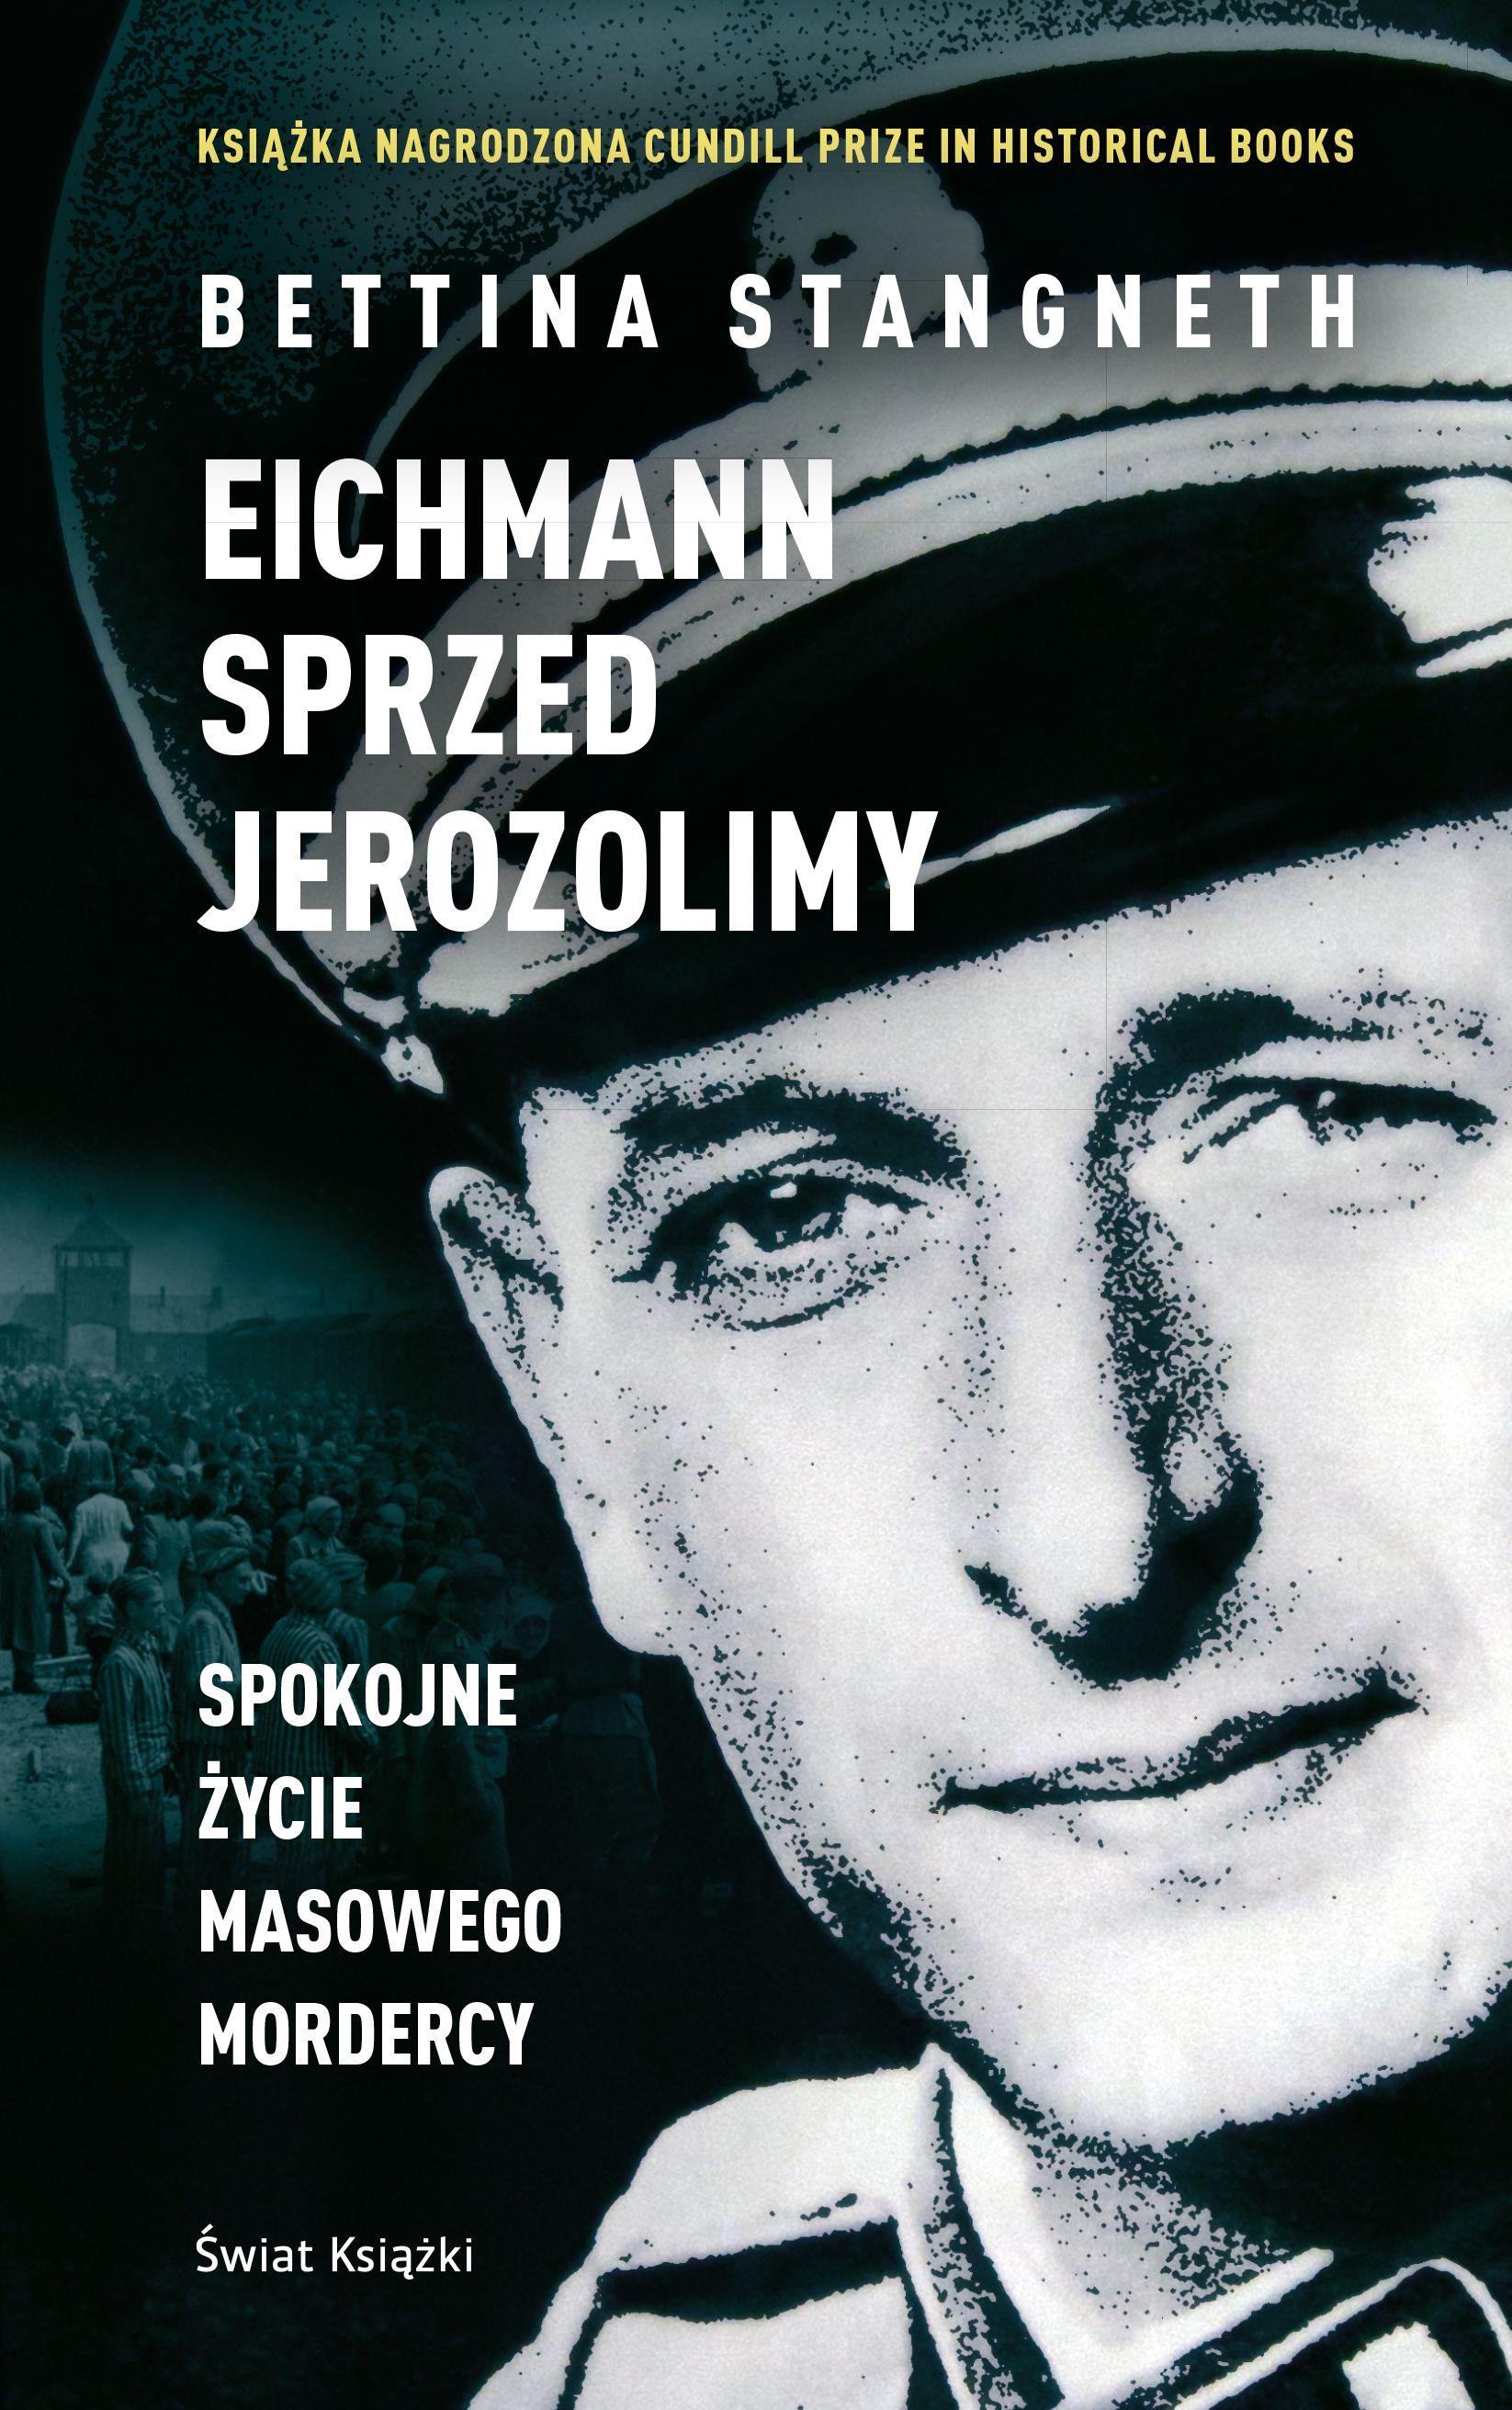 """Artykuł powstał m.in. na podstawie najnowszej książki Bettiny Stangneth zatytułowanej """"Eichmann sprzed Jerozolimy"""" (Świat Książki 2017), która skreśliła w niej wizerunek jednego z największych nazistowskich zbrodniarzy."""